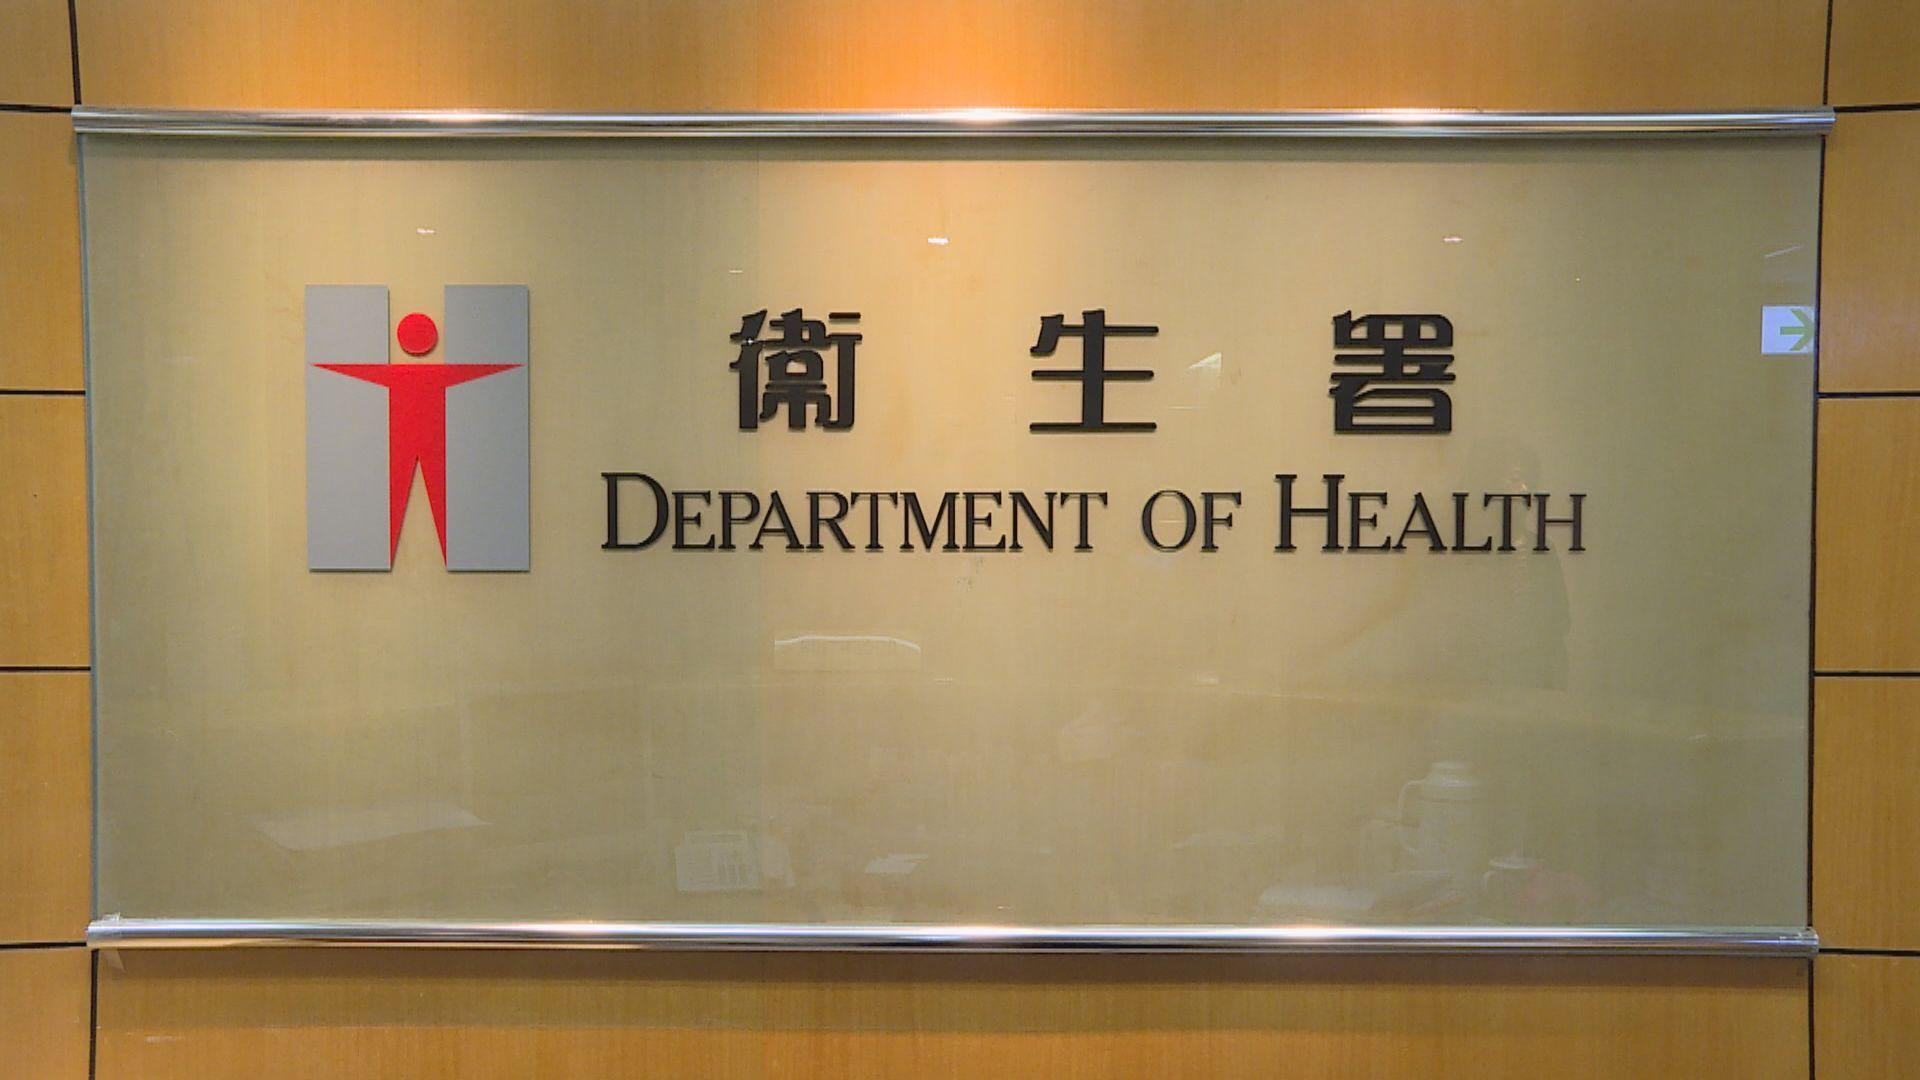 醫管局及衞生署暫停流感疫苗接種服務